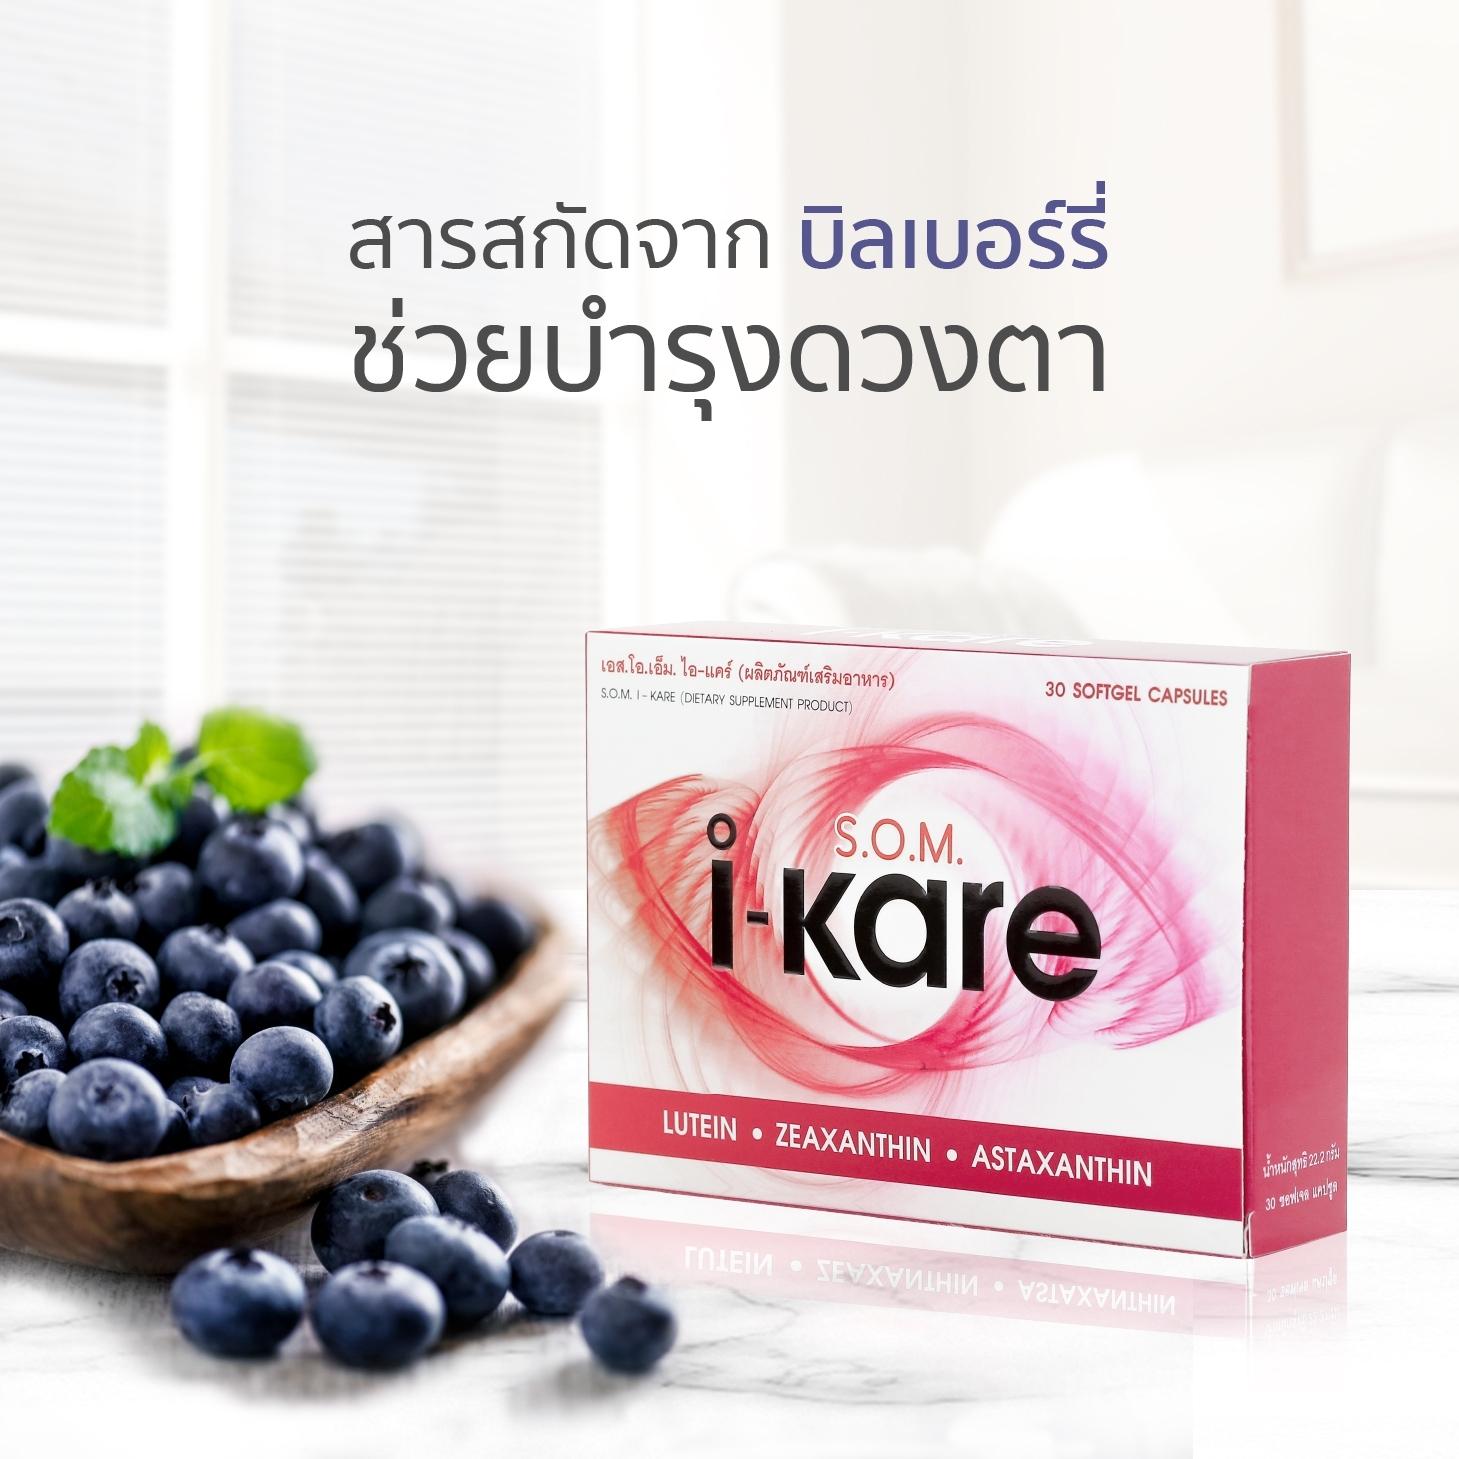 ผลิตภัณฑ์เสริมอาหาร เอส.โอ.เอ็ม. ไอ แคร์ (S.O.M. I-KARE)